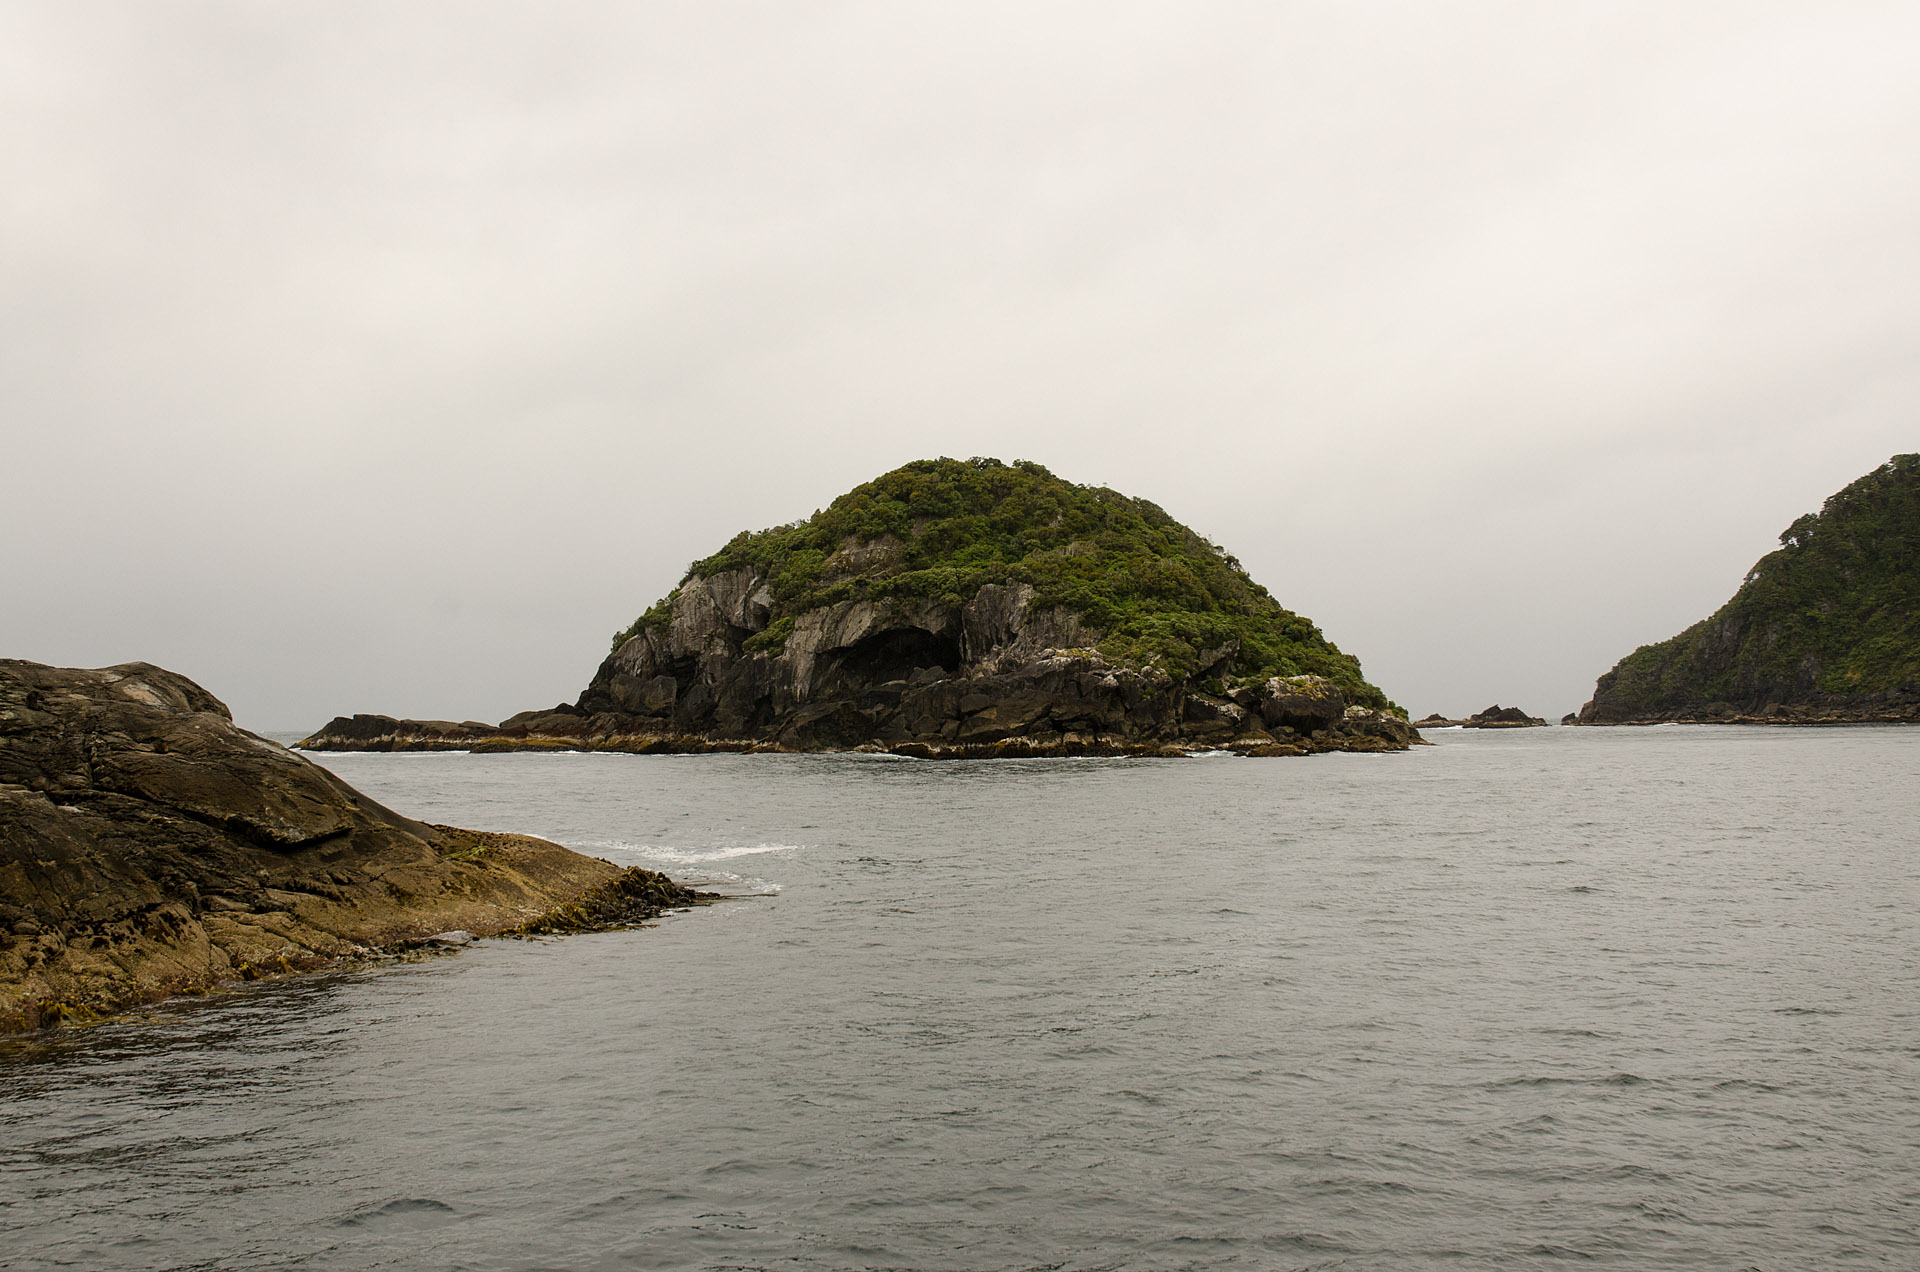 Shelter Islands